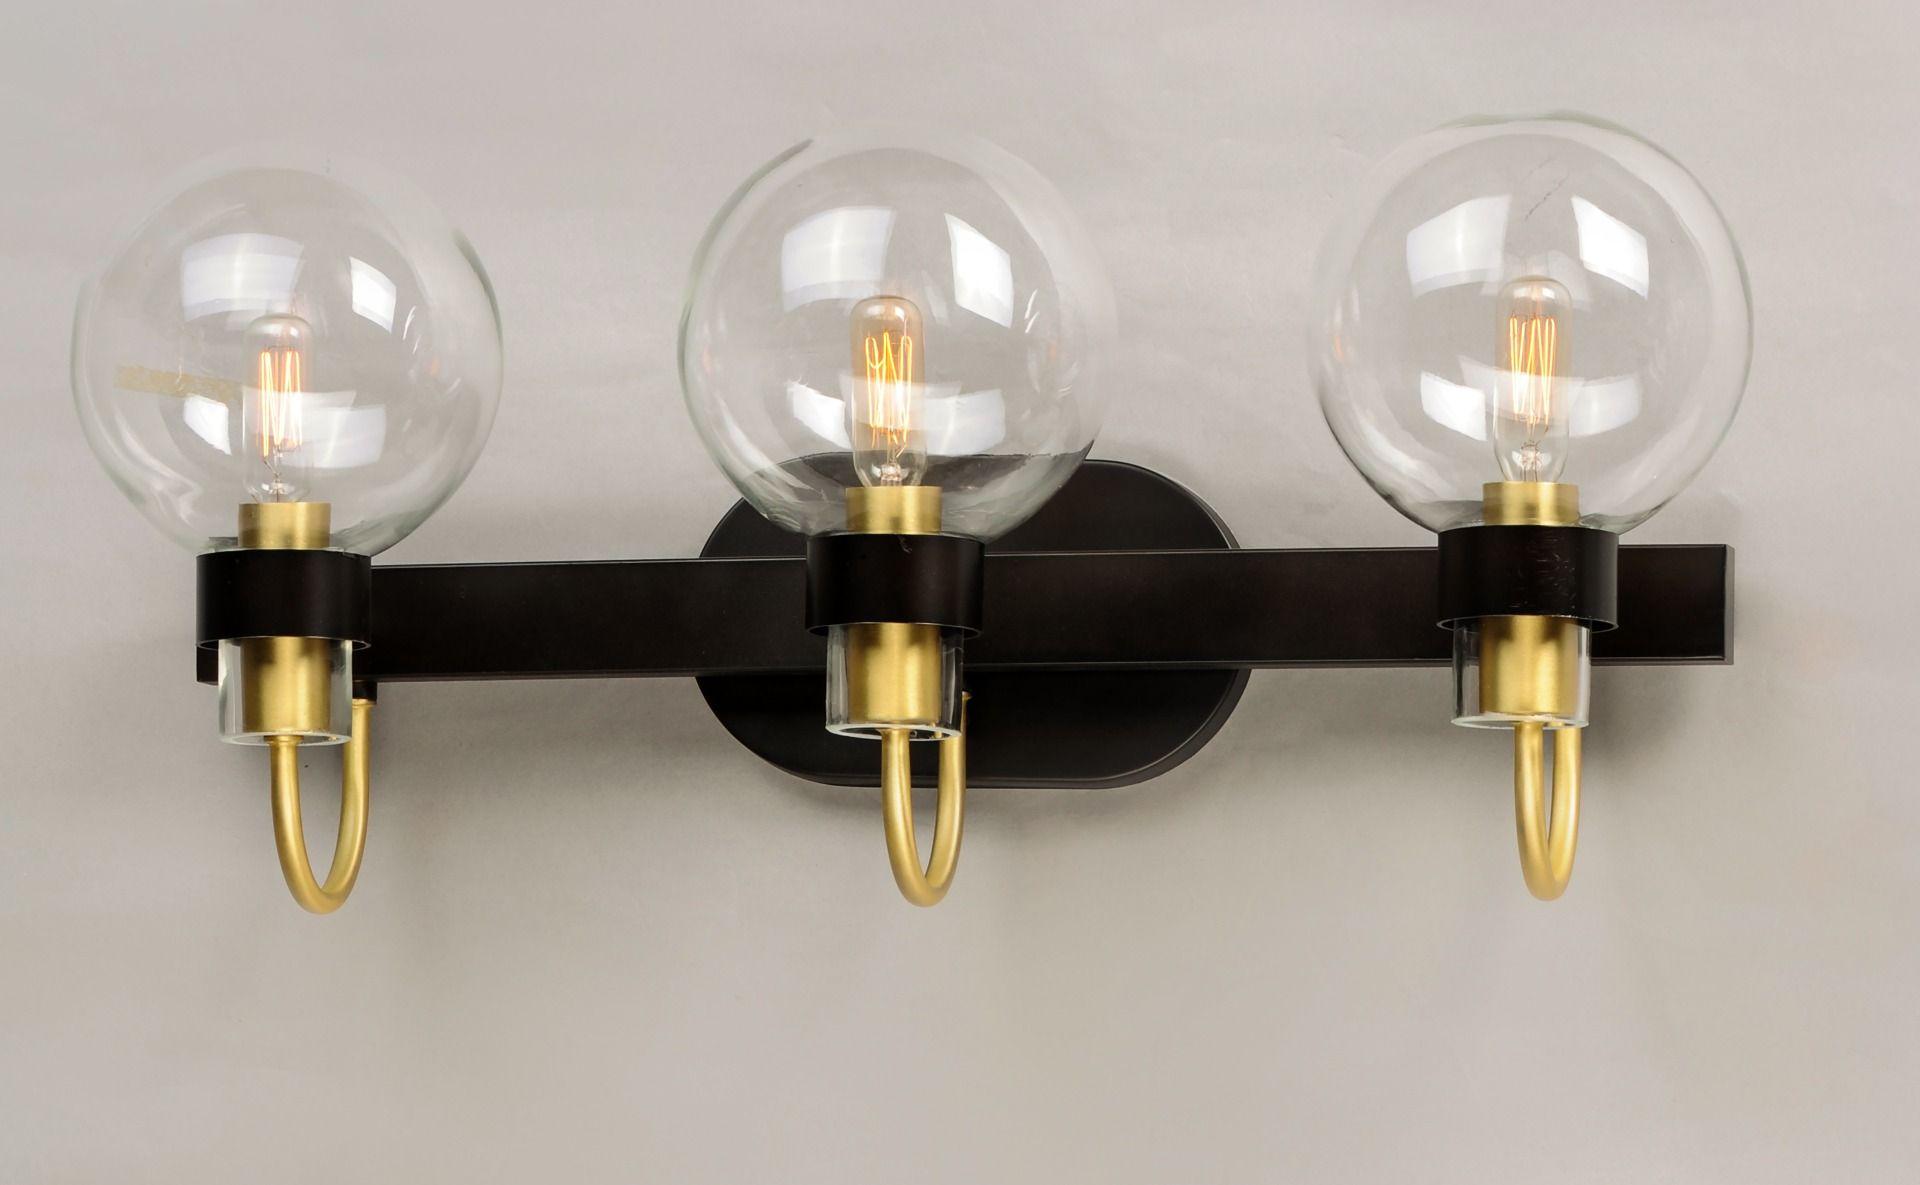 Photo of Maxim Bauhaus 3-Licht Badezimmer Waschtischleuchte in Bronze und Satin Messing